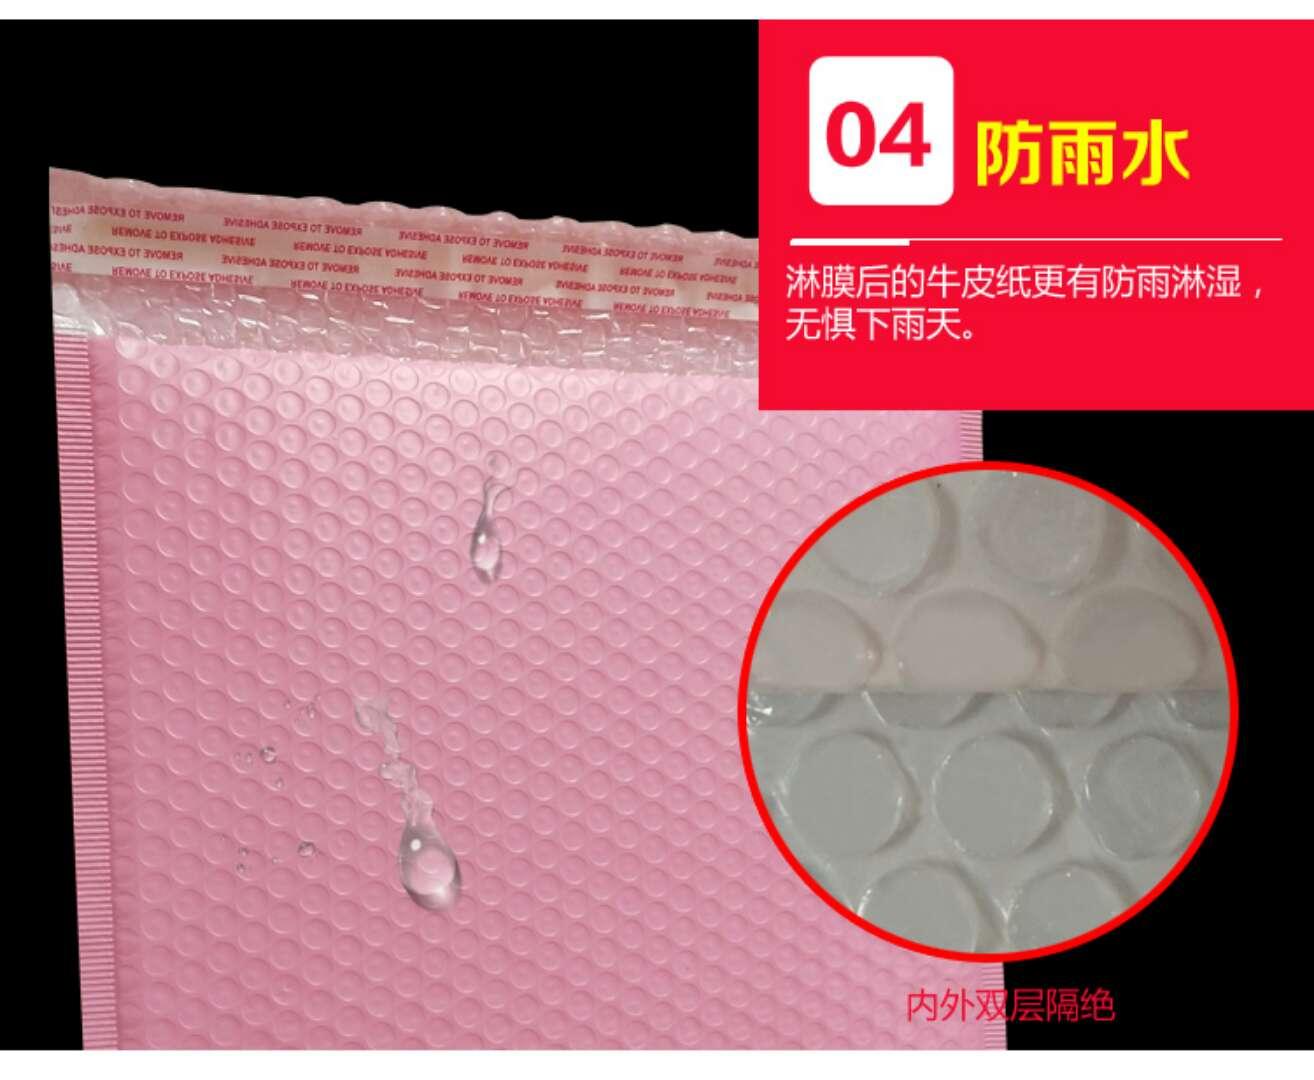 Koreaanse Super Sterke Sneldrogende Langdurige Zwarte Lijm voor Wimper Extension Professionele Koreaanse Snelle Droge Sterke Zwarte Lijm